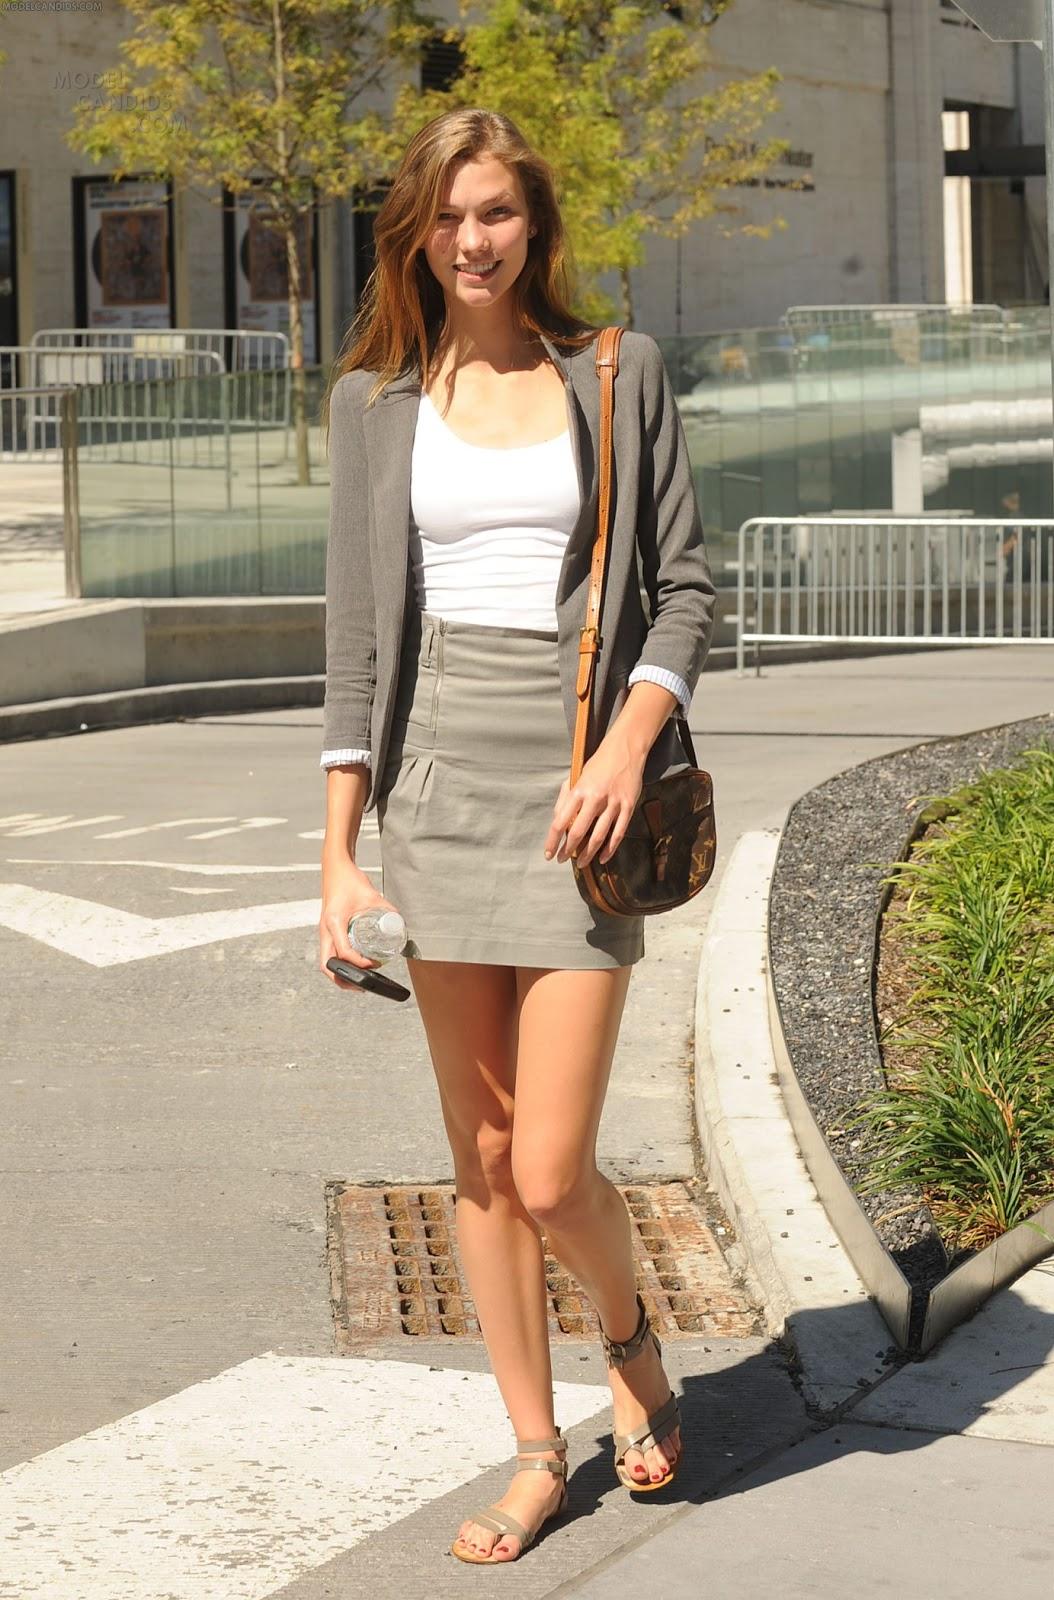 http://4.bp.blogspot.com/-0UKIjjHkALw/ULeKrvWHXXI/AAAAAAAAAaA/-zuGLUy-CwA/s1600/Karlie-Kloss-Feet-326383.jpg